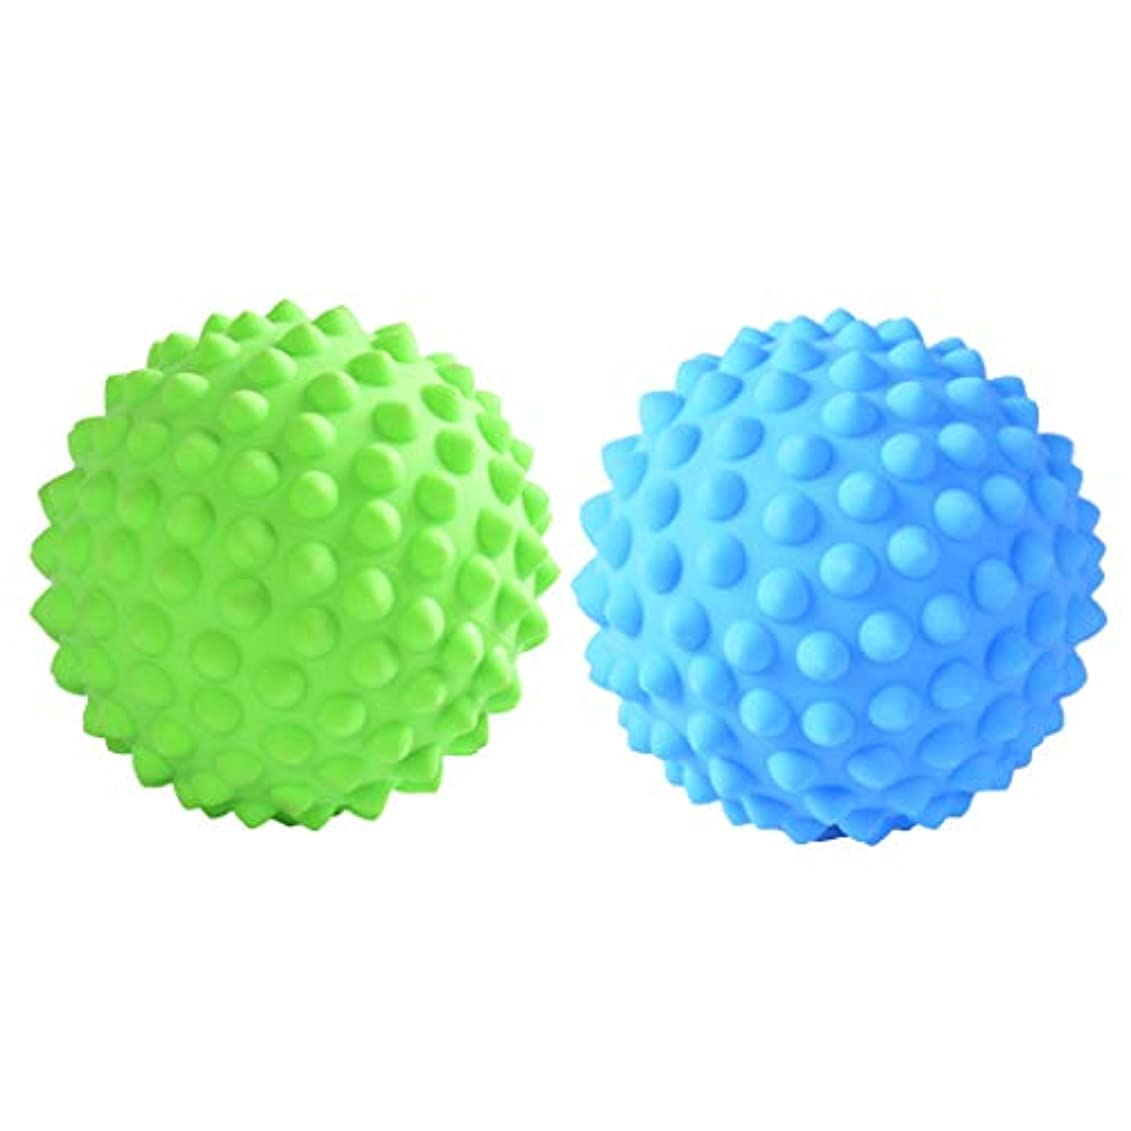 洗う計り知れない確立マッサージローラーボール 指圧ボール PVC トリガーポイント 筋膜 疲労軽減 健康的 2個入